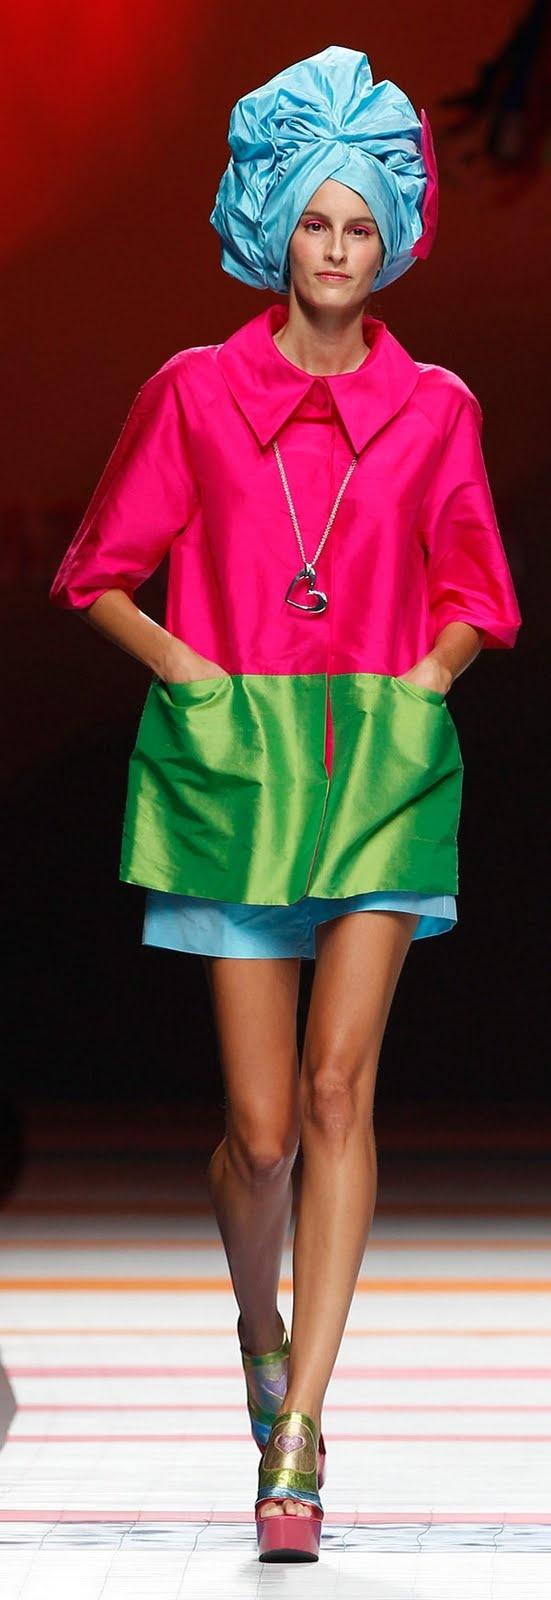 Sistren Look: cool chic style fashion: Agatha Ruiz de la Prada 2011 Settimana della moda di Madrid